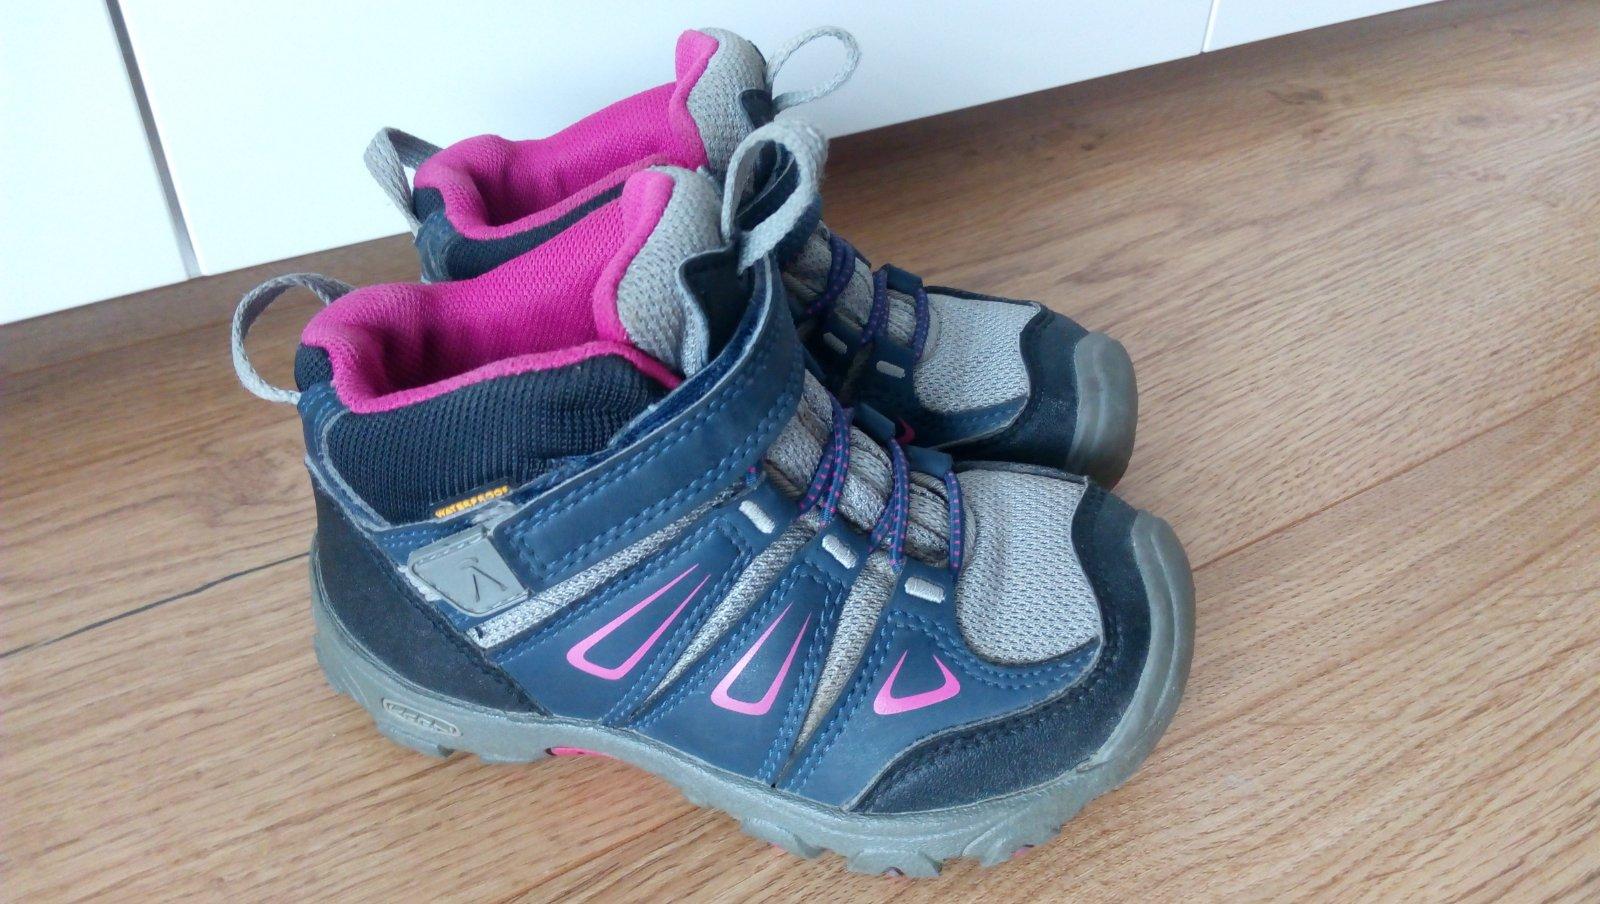 Celoroční kotníkové boty 28f4afa5cca